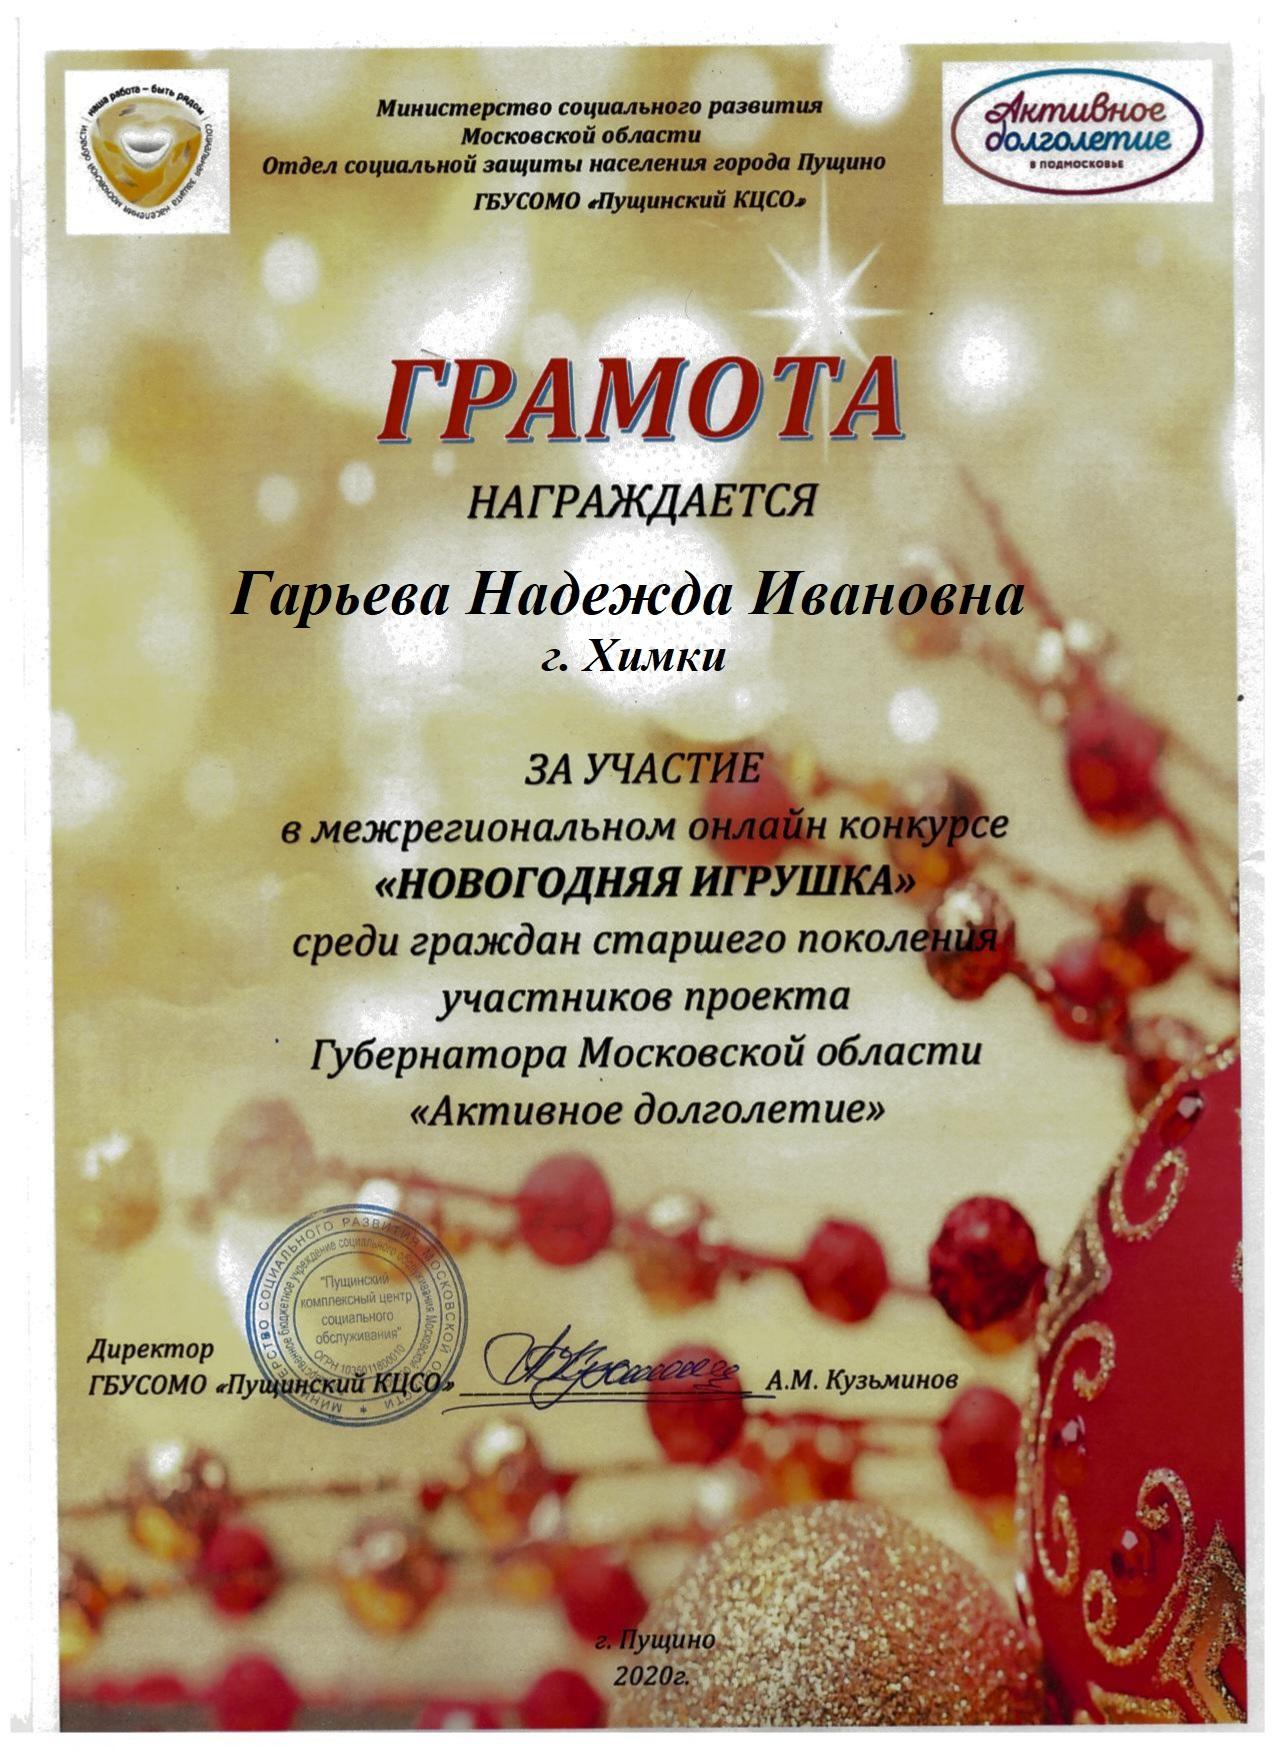 Гарьева Надежда Ивановна